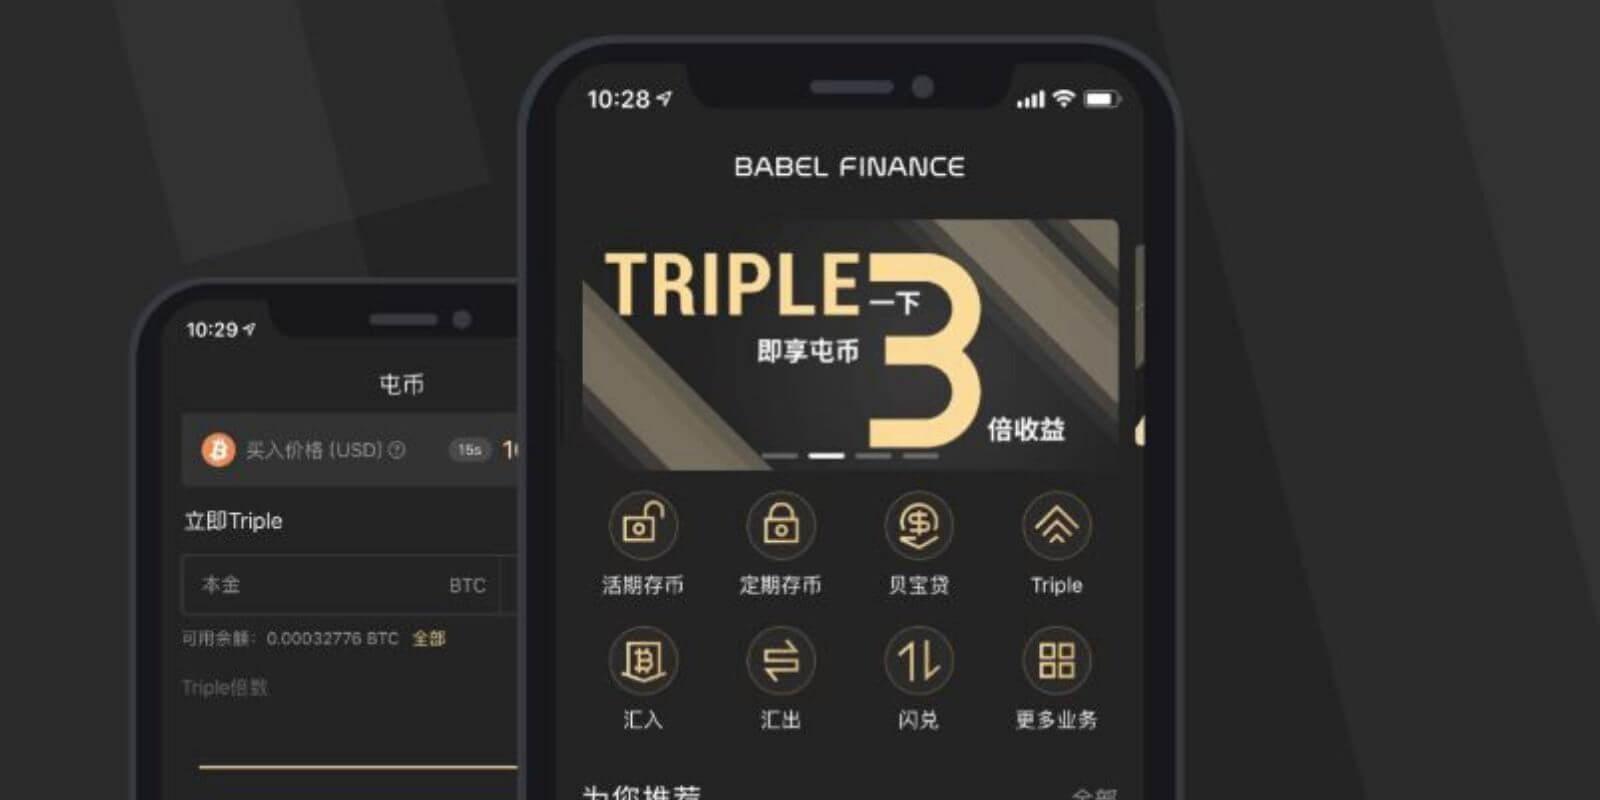 DeFi : la plateforme Babel a prêté 380 millions de dollars en cryptos